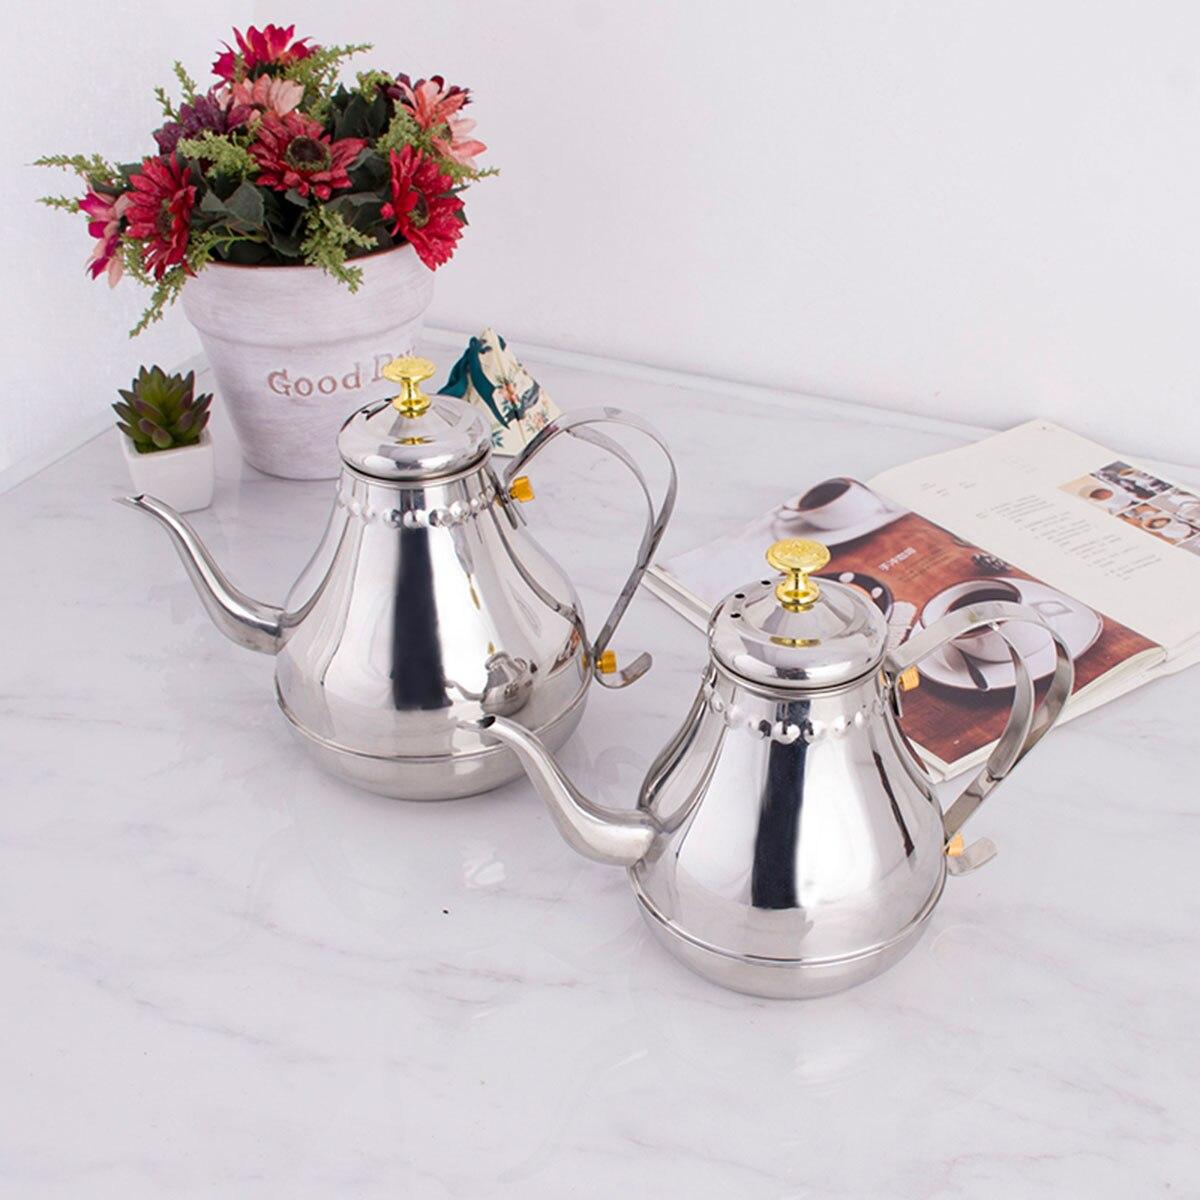 1,2/1.8л кофейник из нержавеющей стали чайник для чая/молока/цветка чайник с фильтром костюм для электрической плиты/газовой плиты подарок